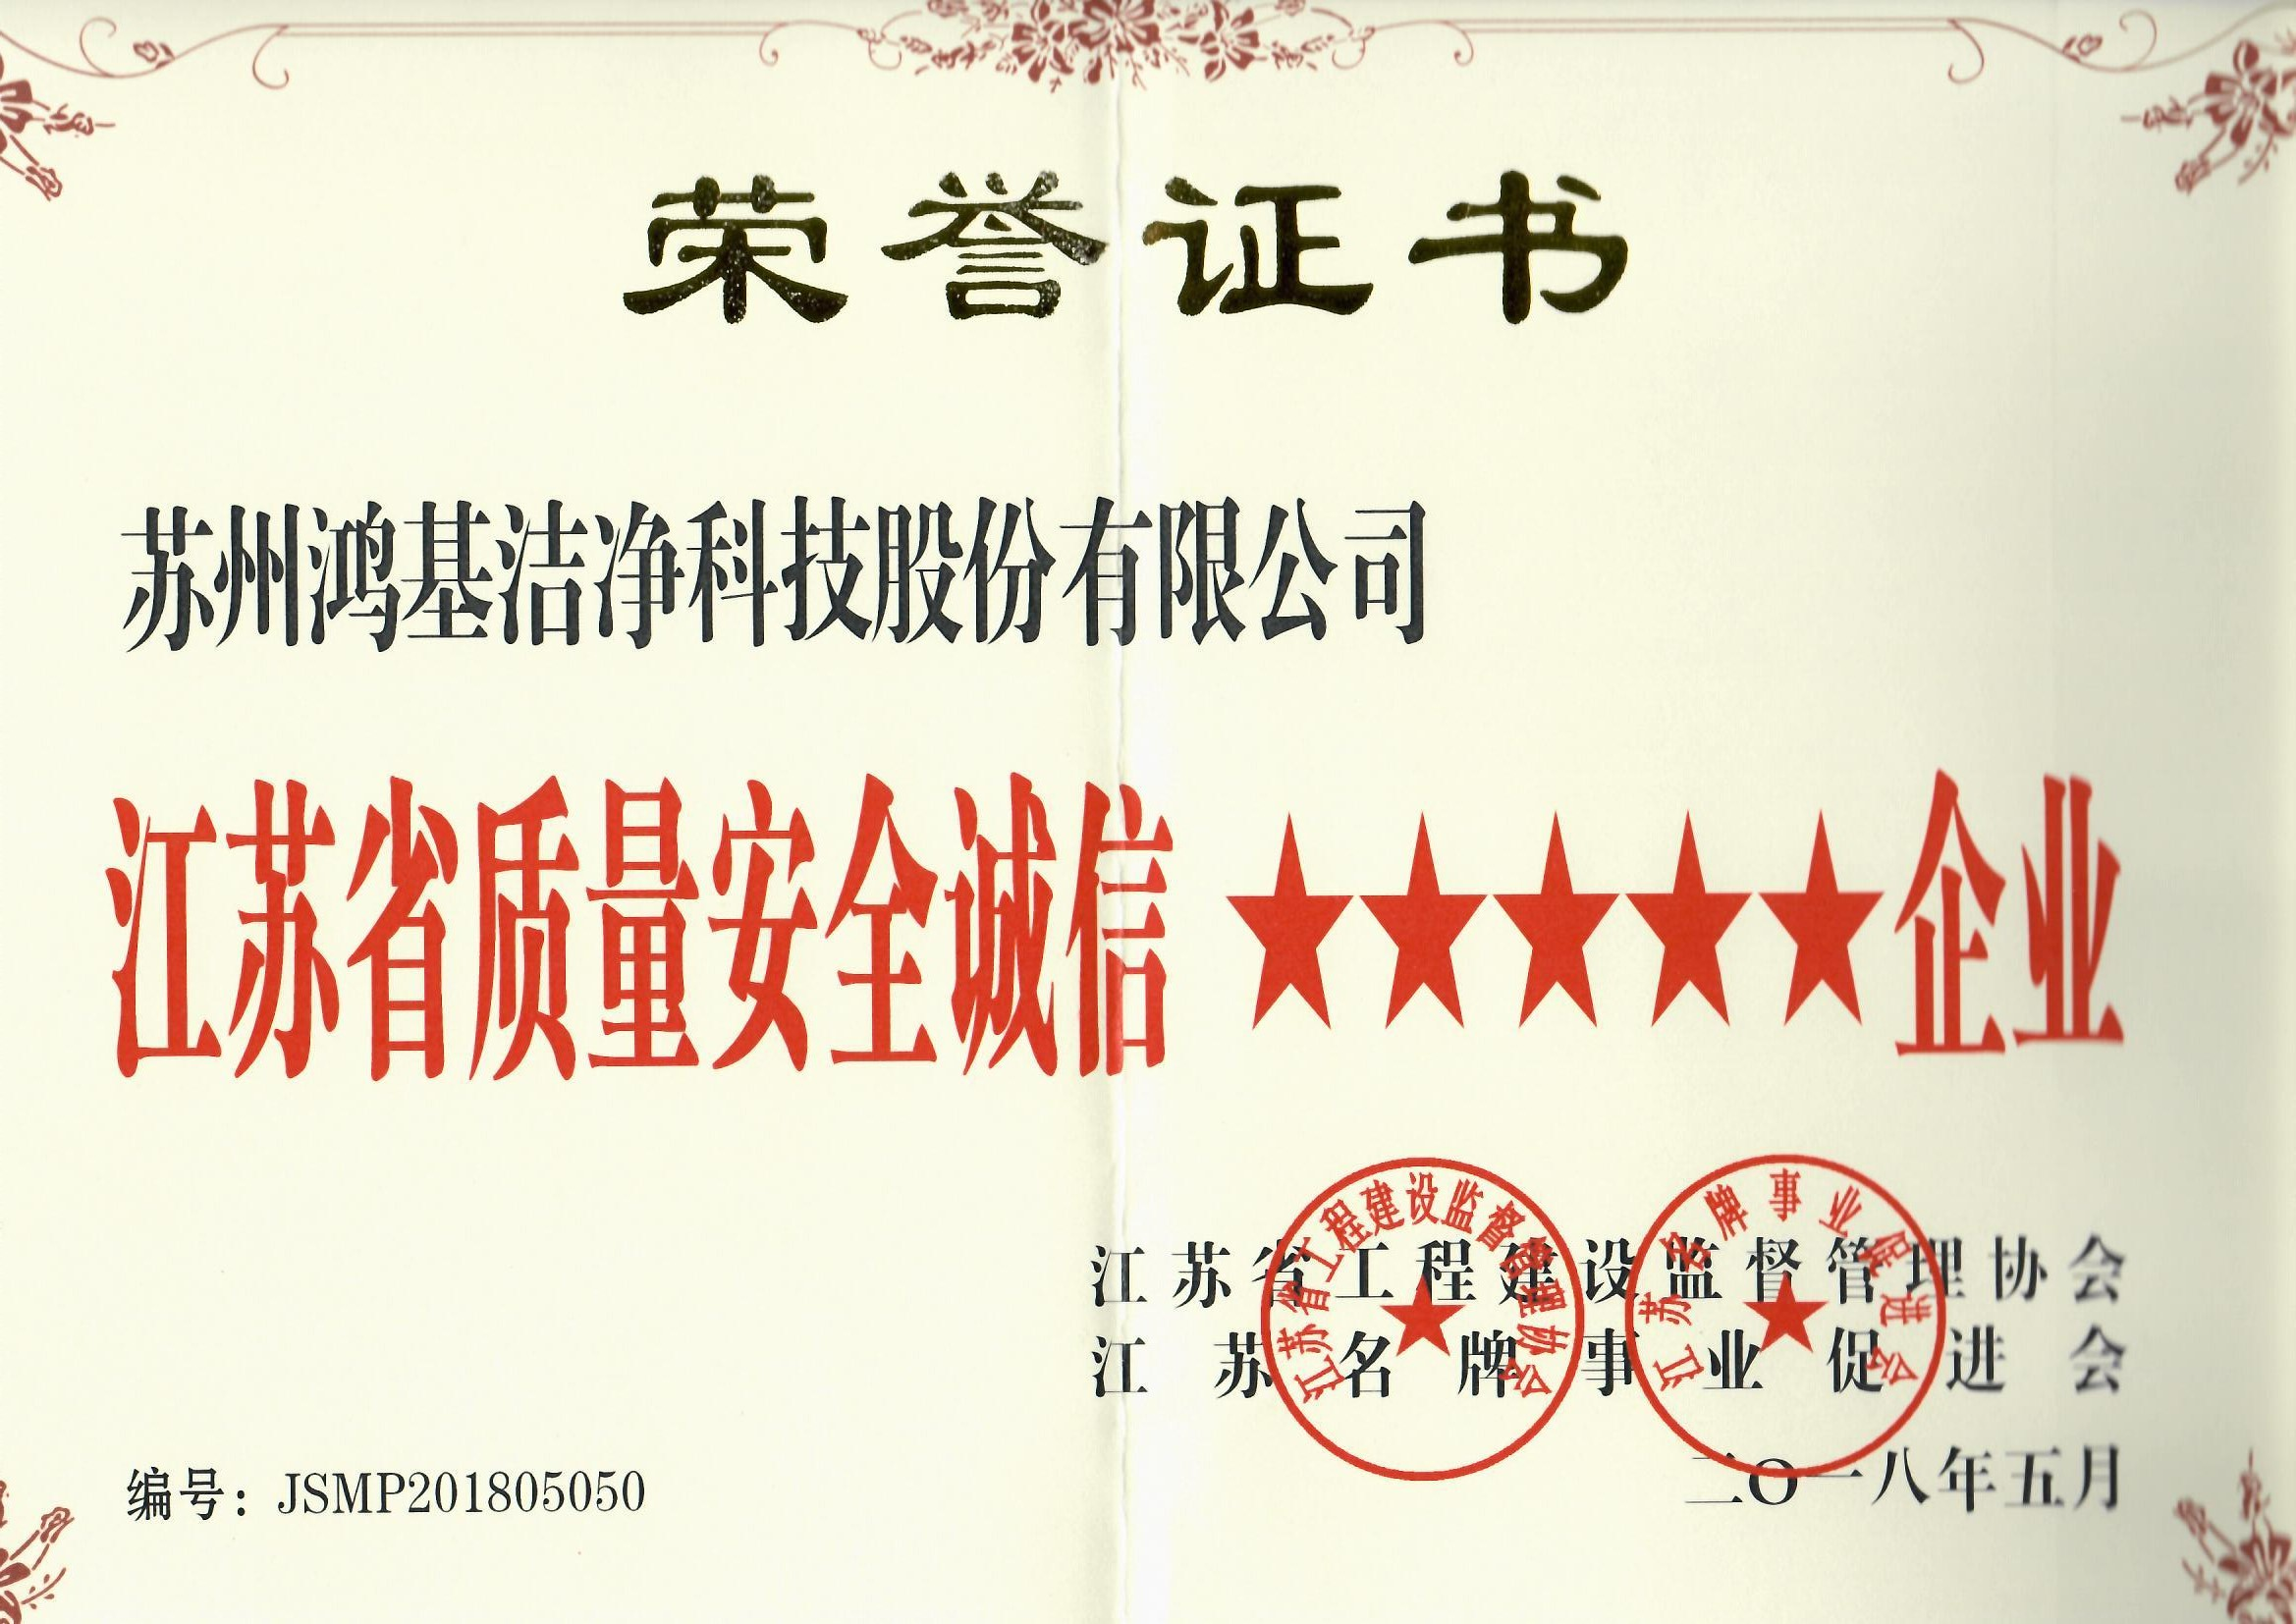 江苏省质量安全诚信5星企业